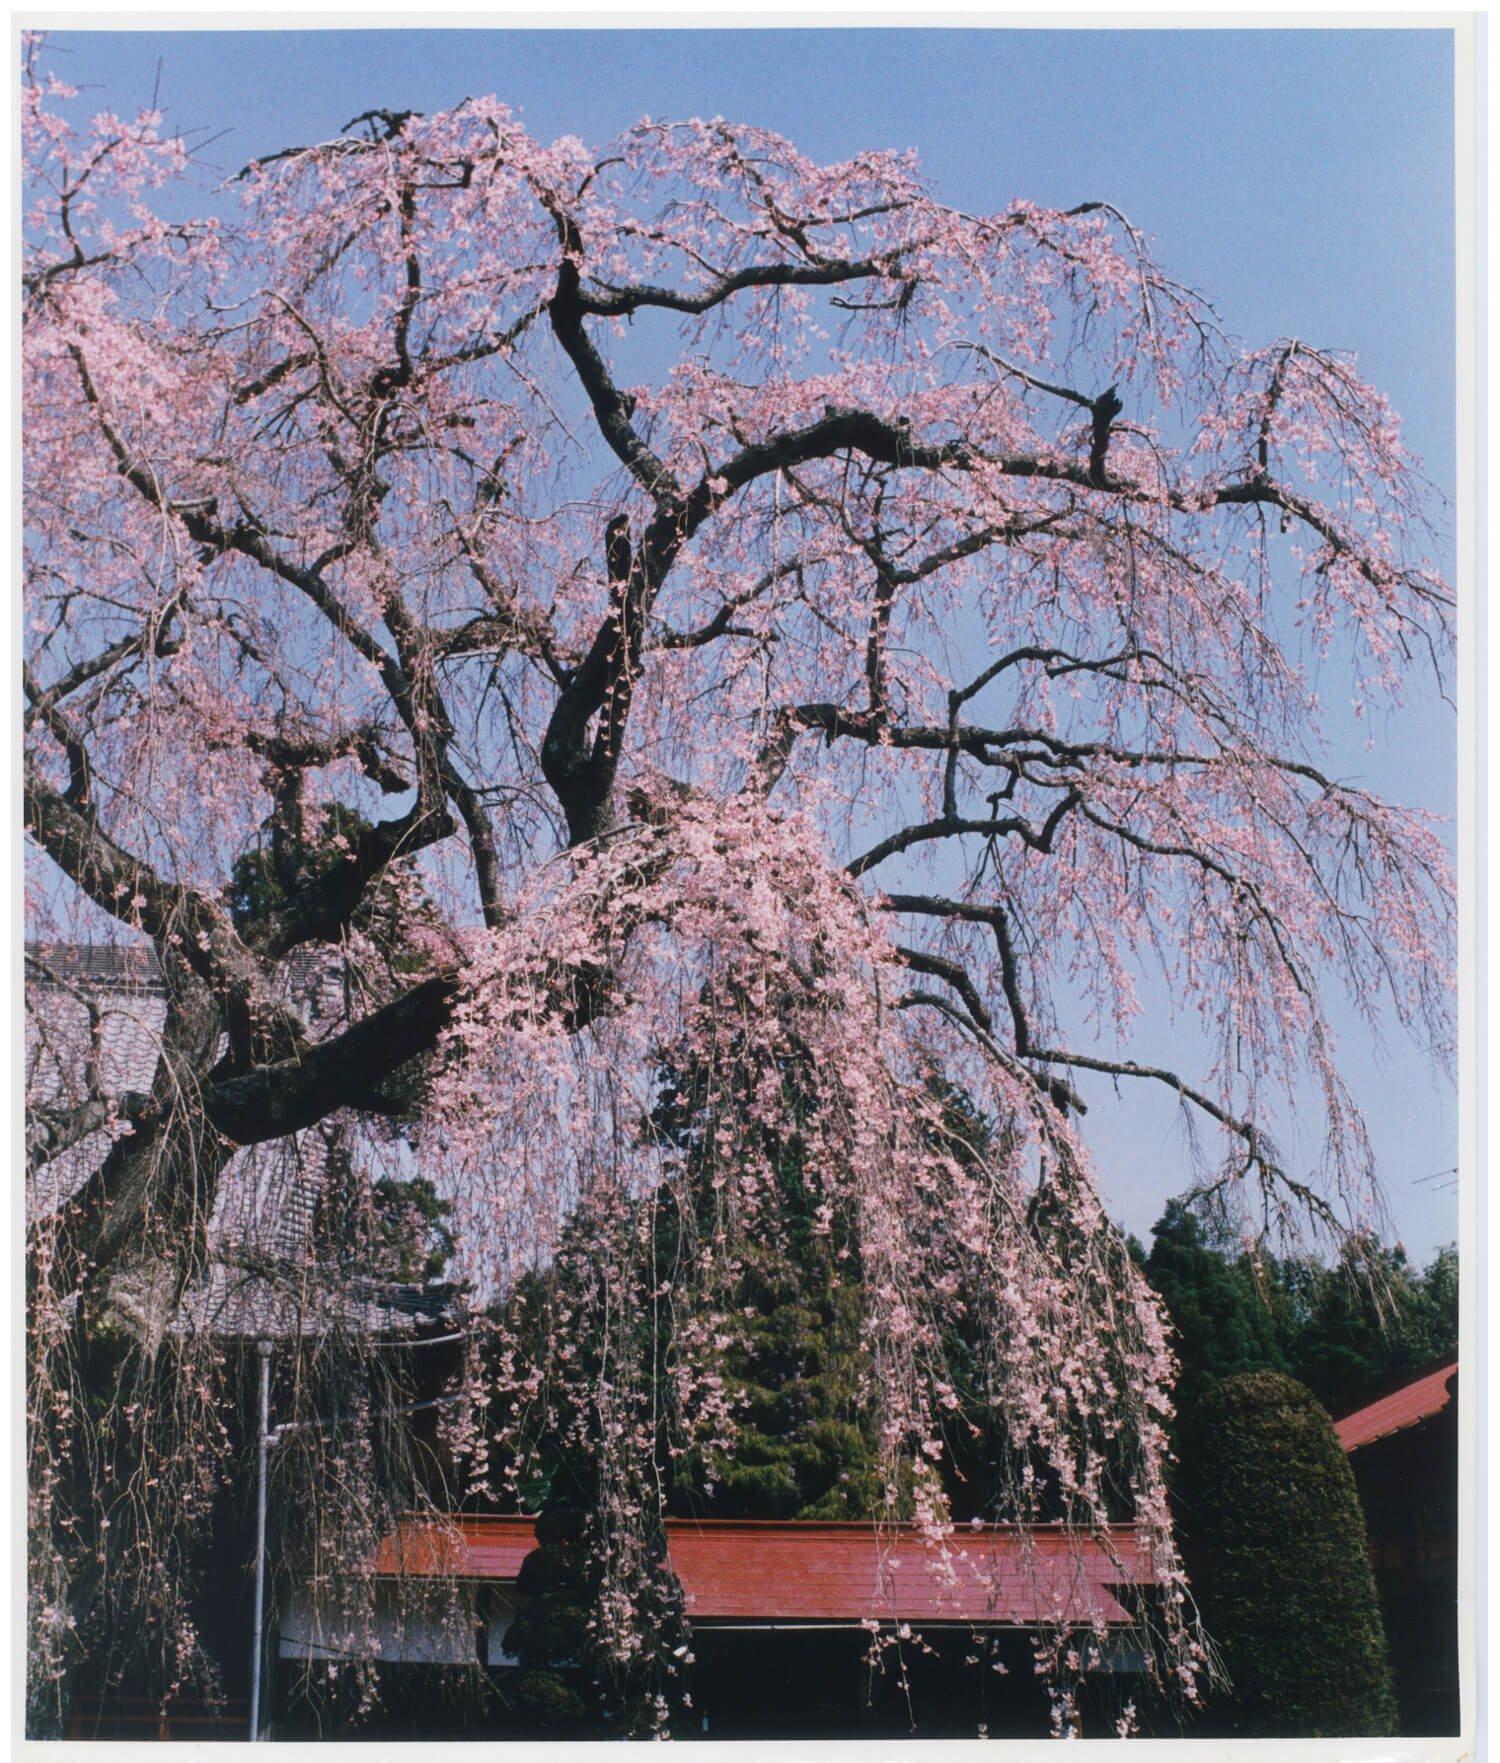 参道脇にしだれ桜が立ち並ぶ(妙宣寺)。(各写真提供:山武市わがまち活性課)。